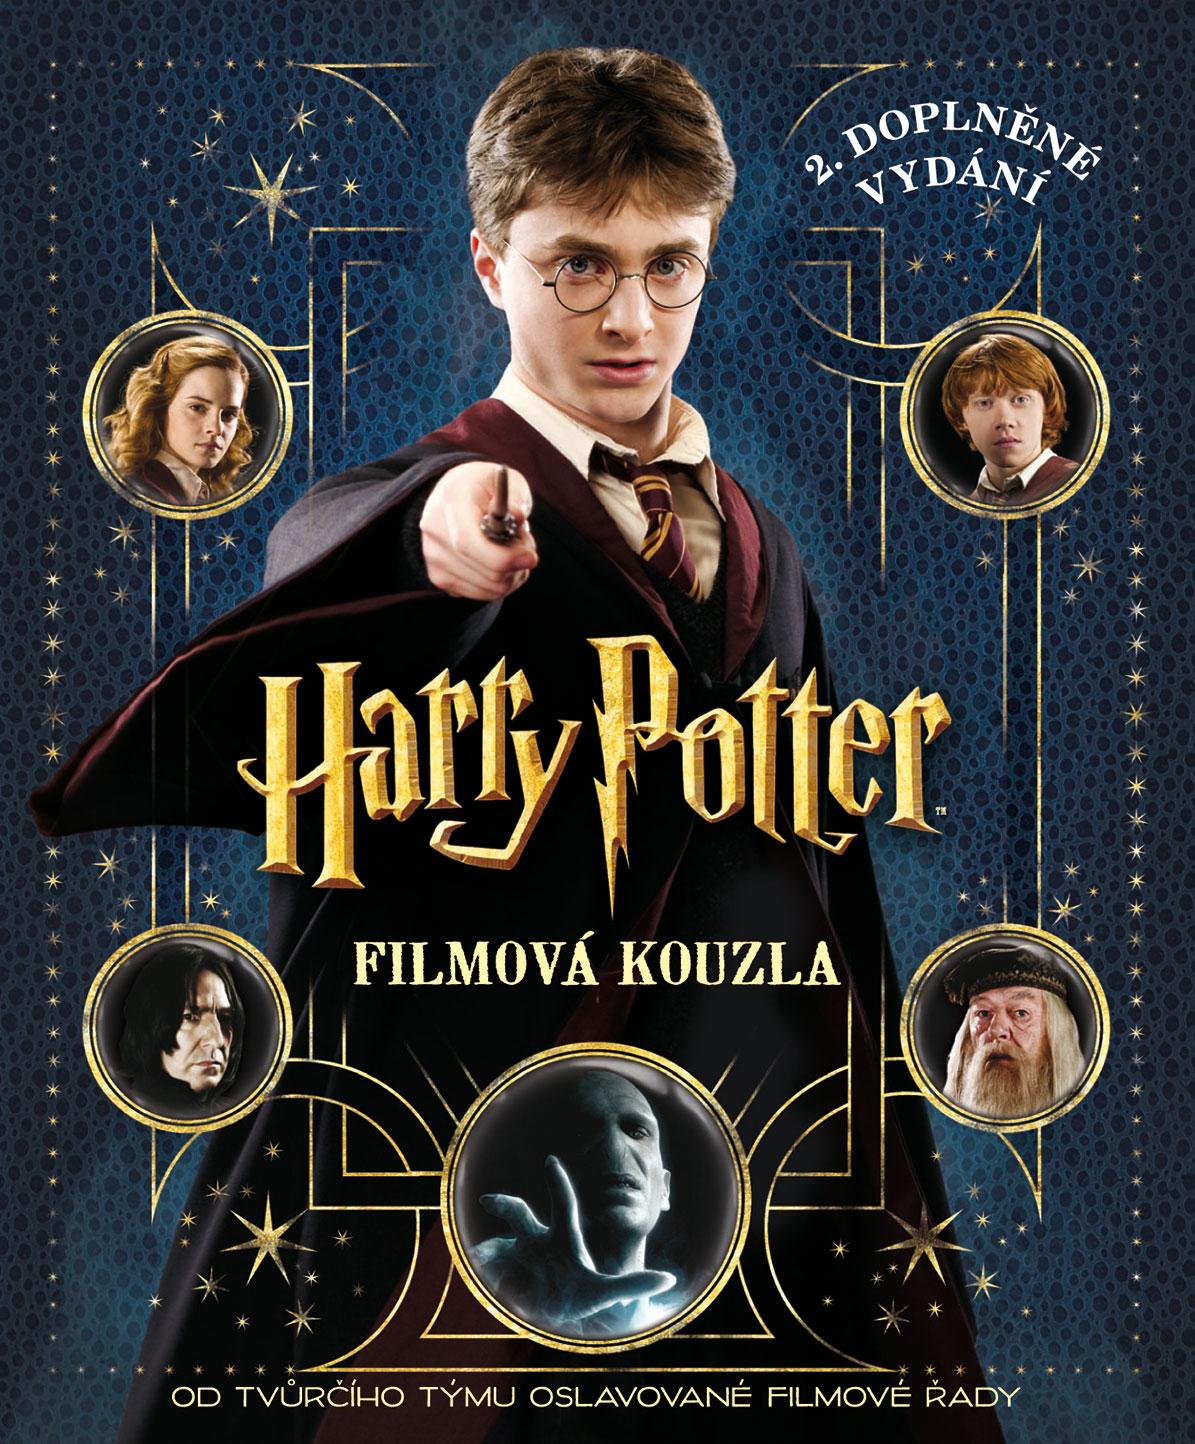 Harry Potter: Filmová kouzla (2. doplněné vydání)